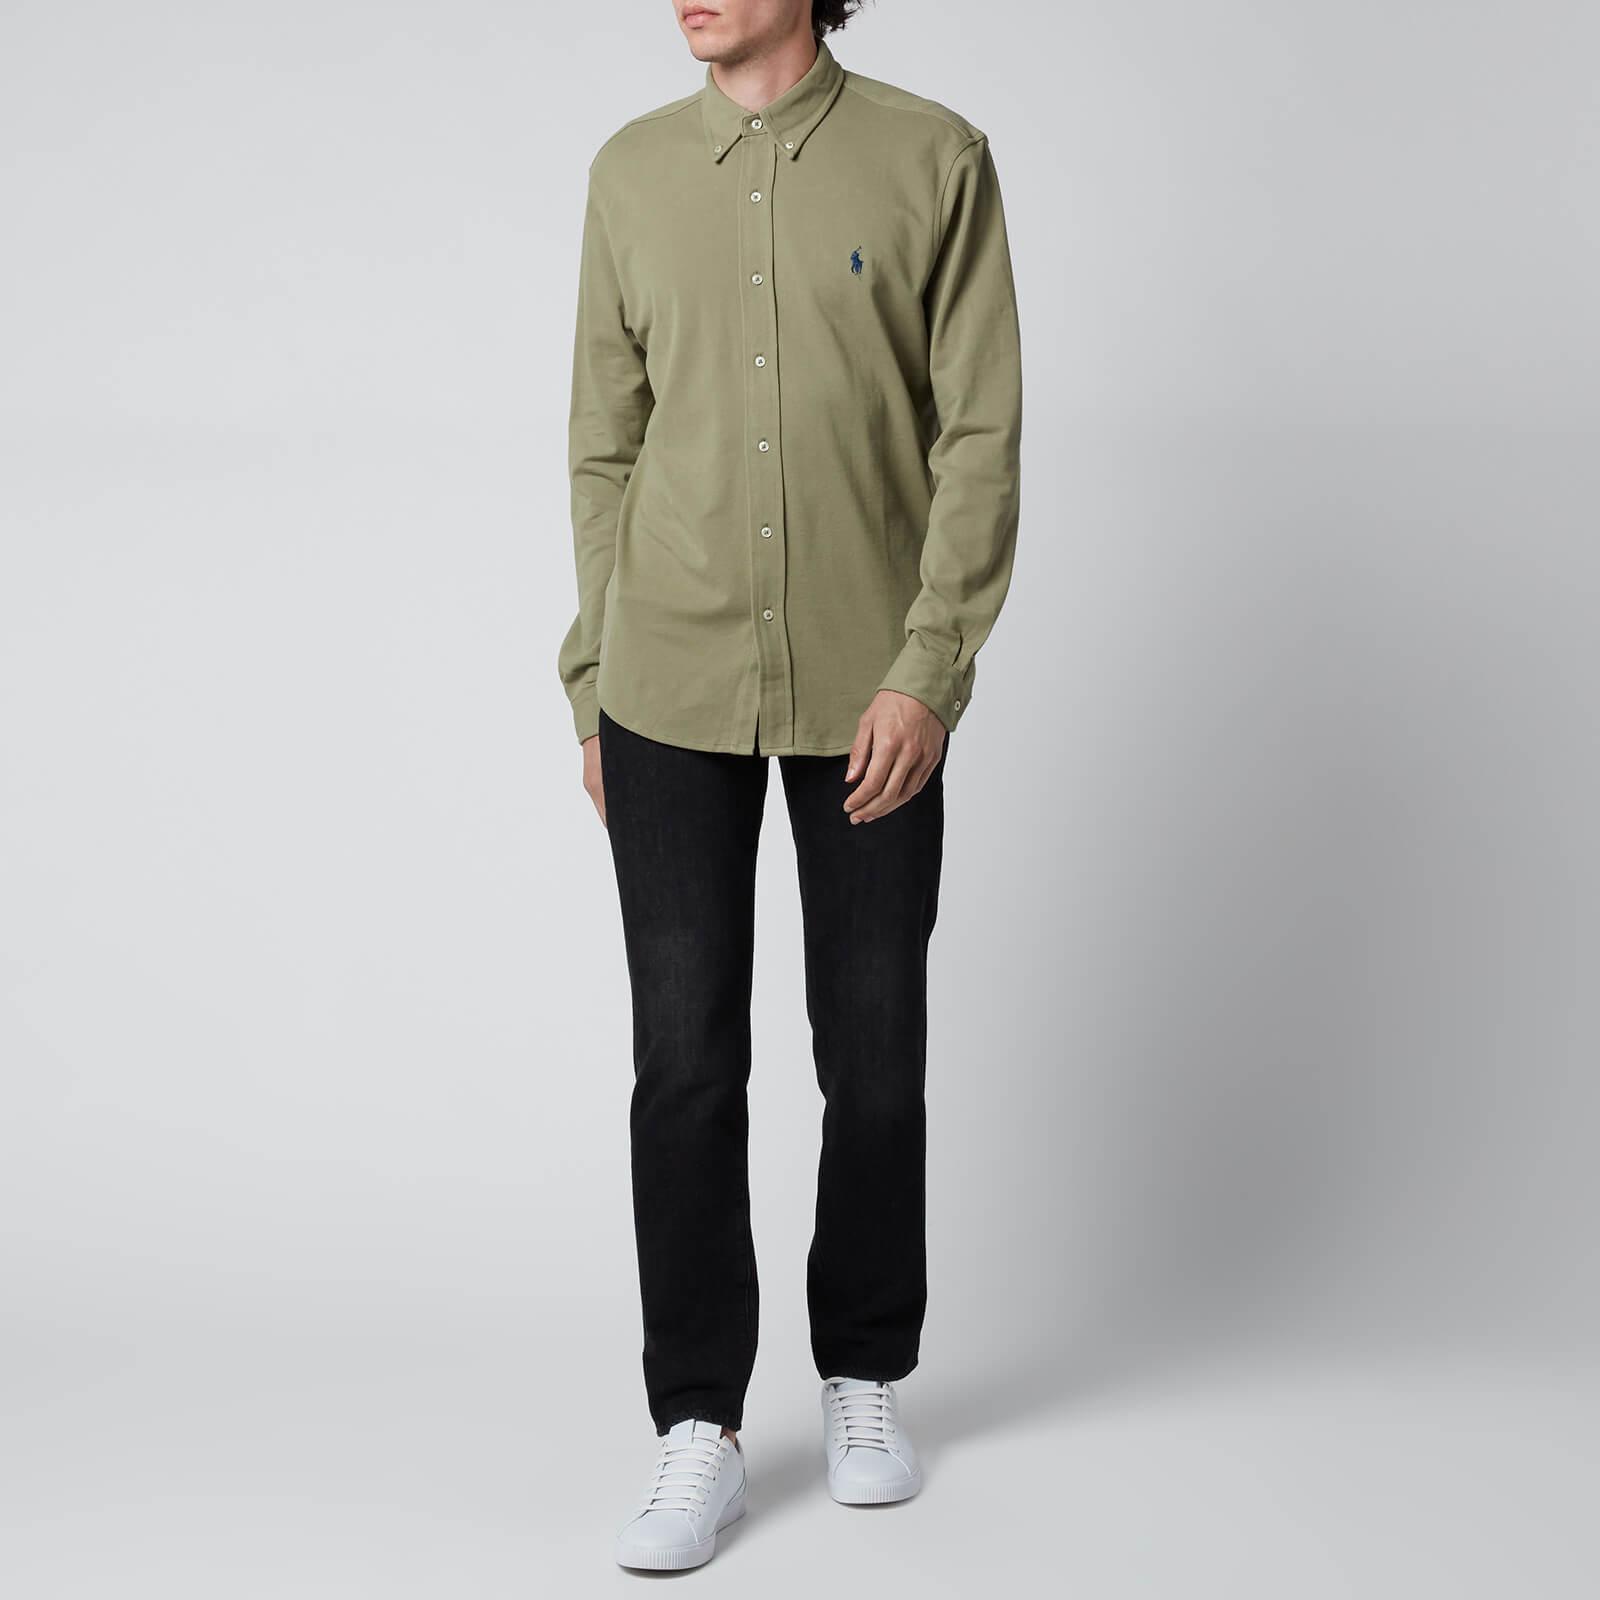 polo ralph lauren men's featherweight mesh shirt - sage green - xl